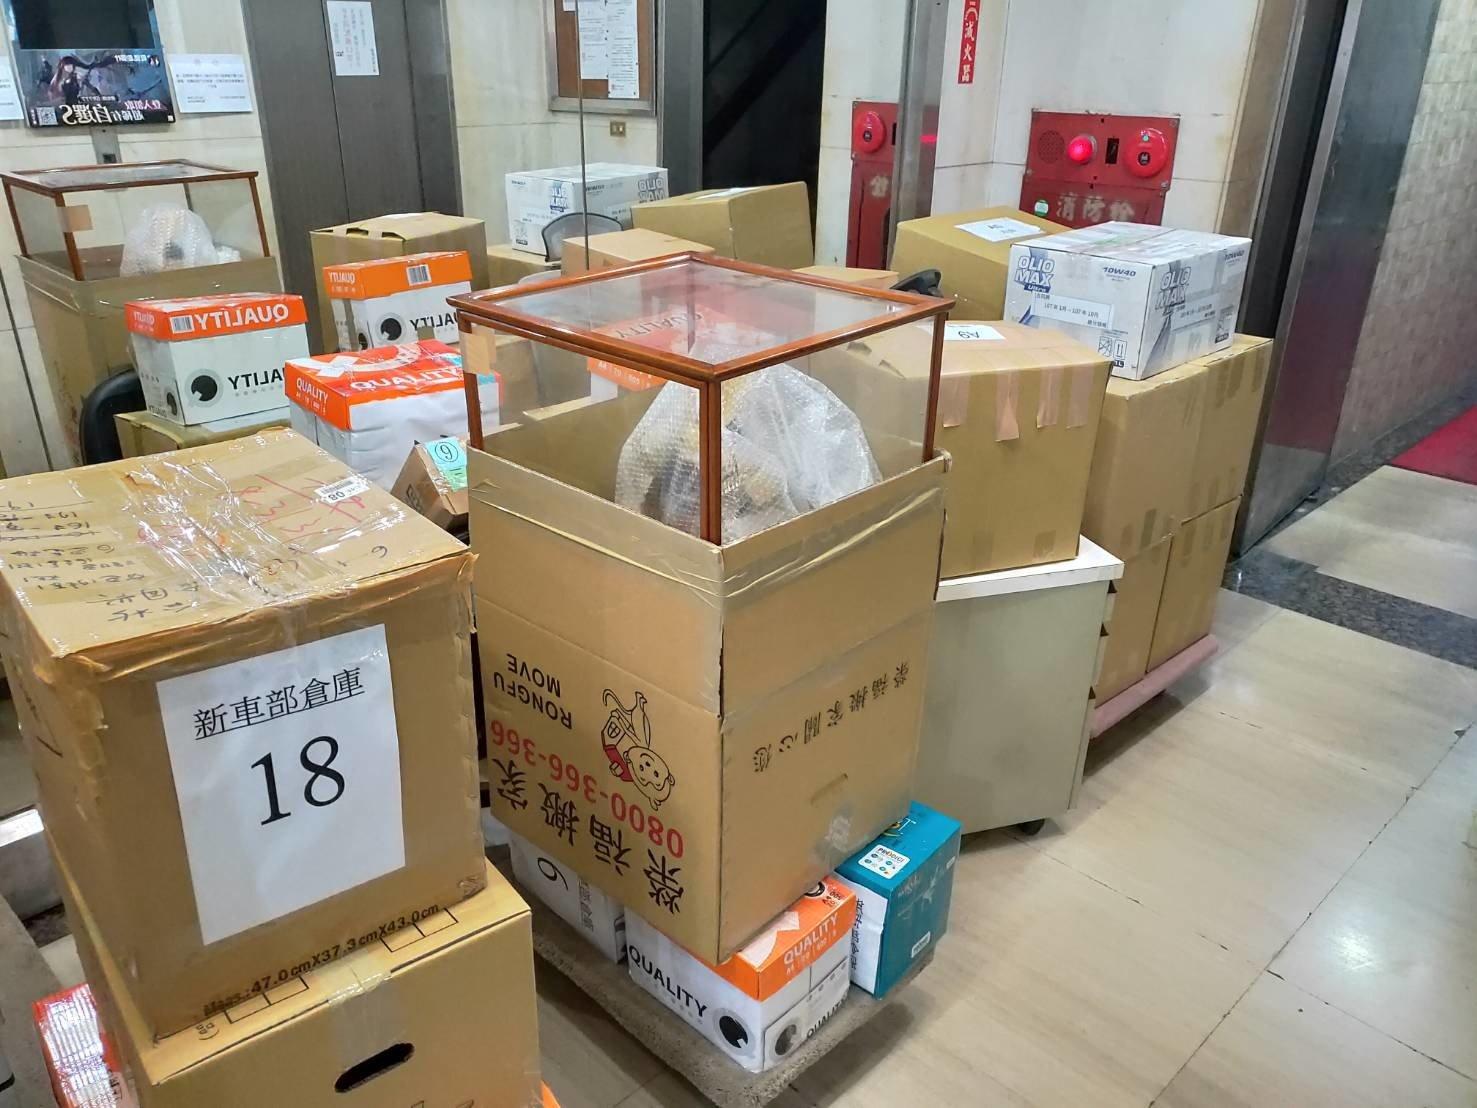 搬辦公室【榮福搬家公司】搬家首選、台北搬家、新北搬家公司推薦:公司行號搬遷服務,包裝搬運、打包裝箱「細膩包裝、專業搬運、用心服務、以客為尊」是榮福搬家公司的宗旨與精神。歡迎立即來電02-2651-2727專人服務。